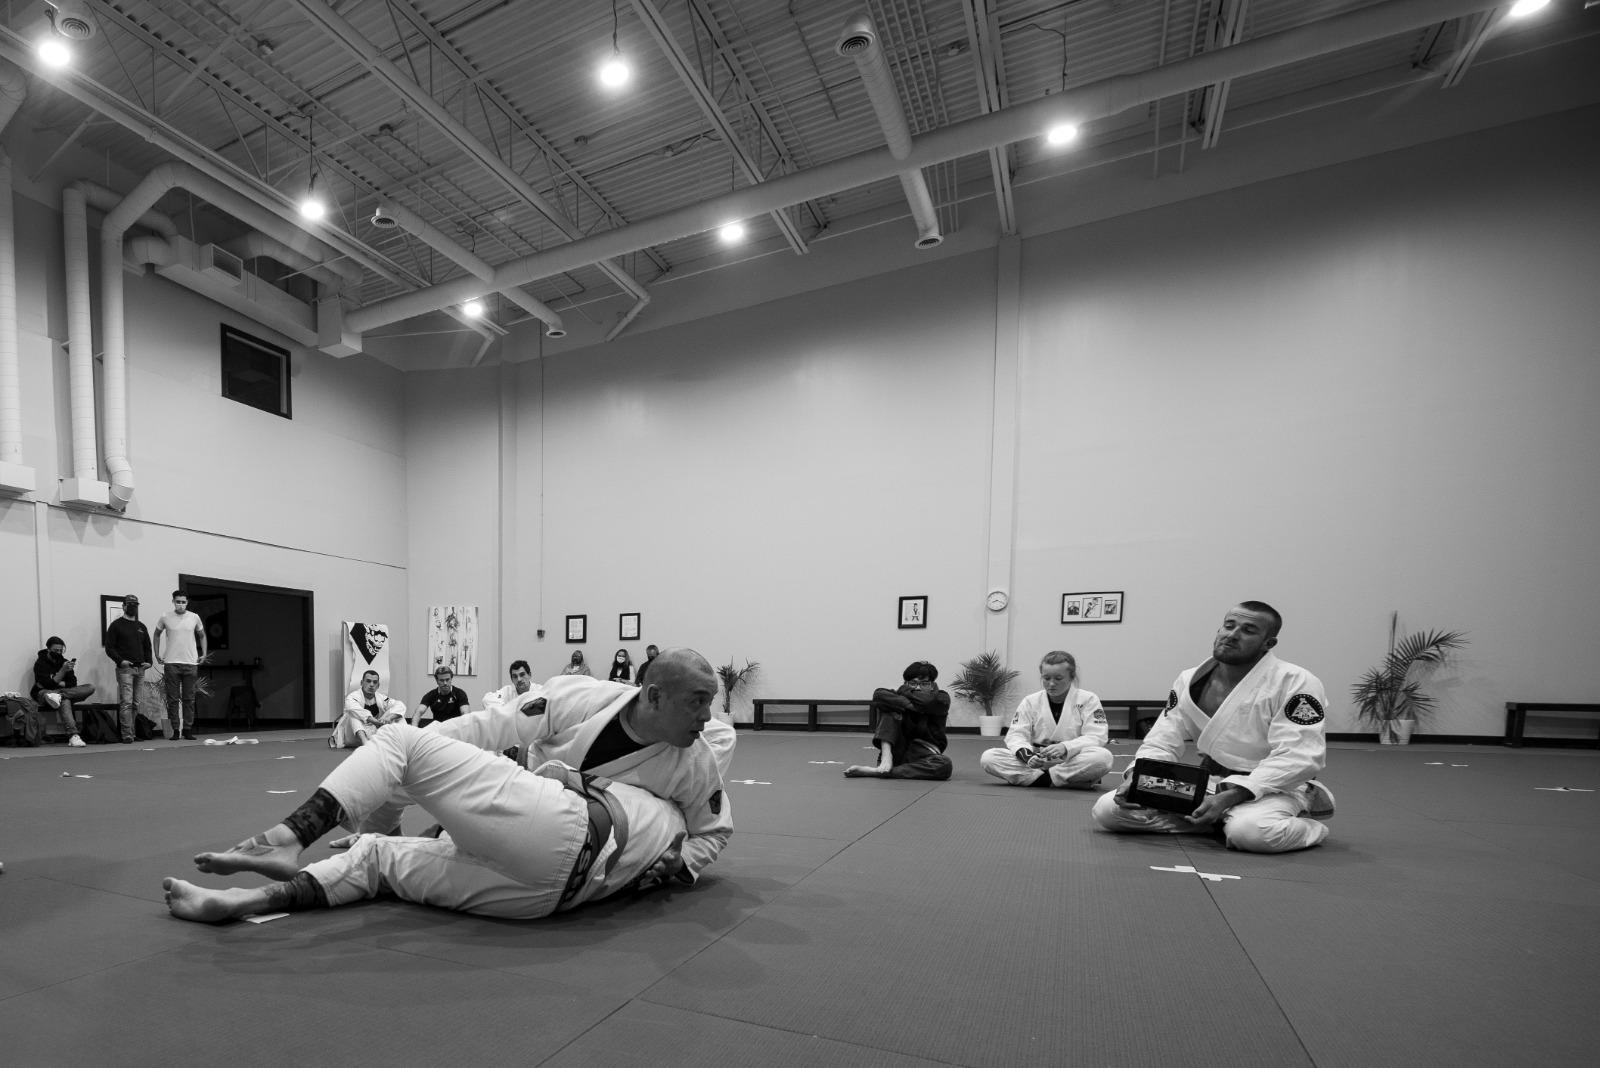 A Brazilian Jiu-Jitsu class